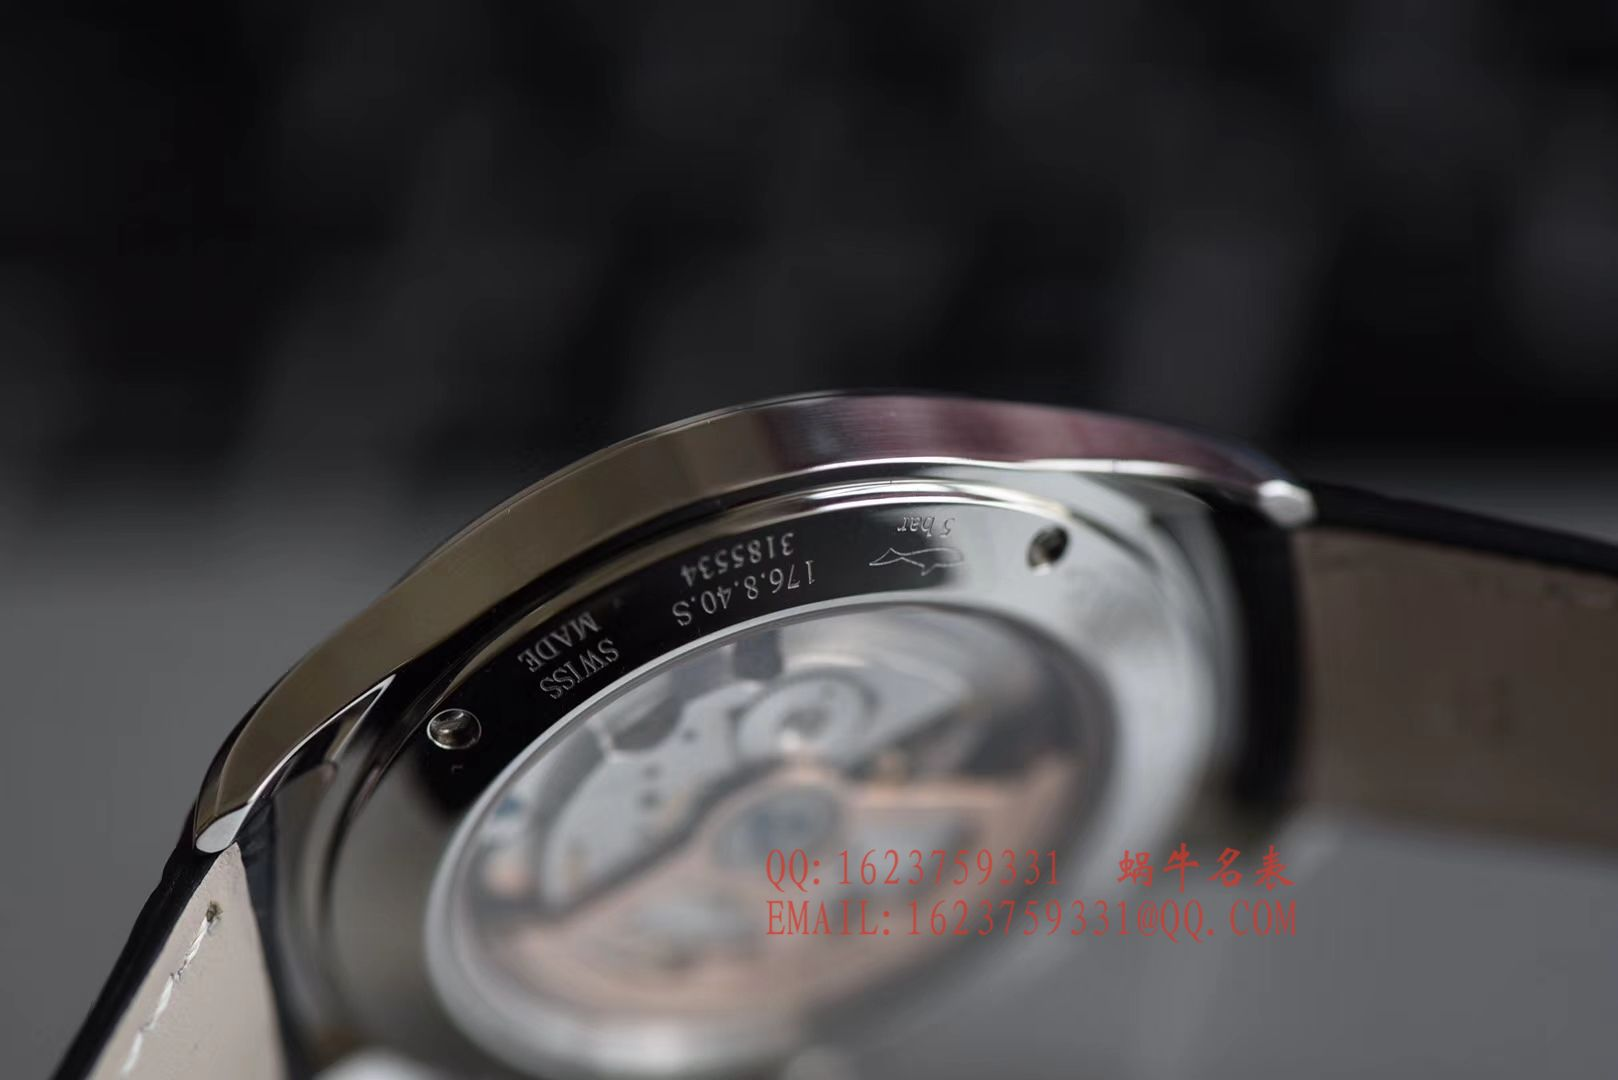 视频评测积家大师系列1548420,1542520,1548470三色腕表【ZF一比一高仿新品积家大师系列Q1548420】 / JJBB55MM